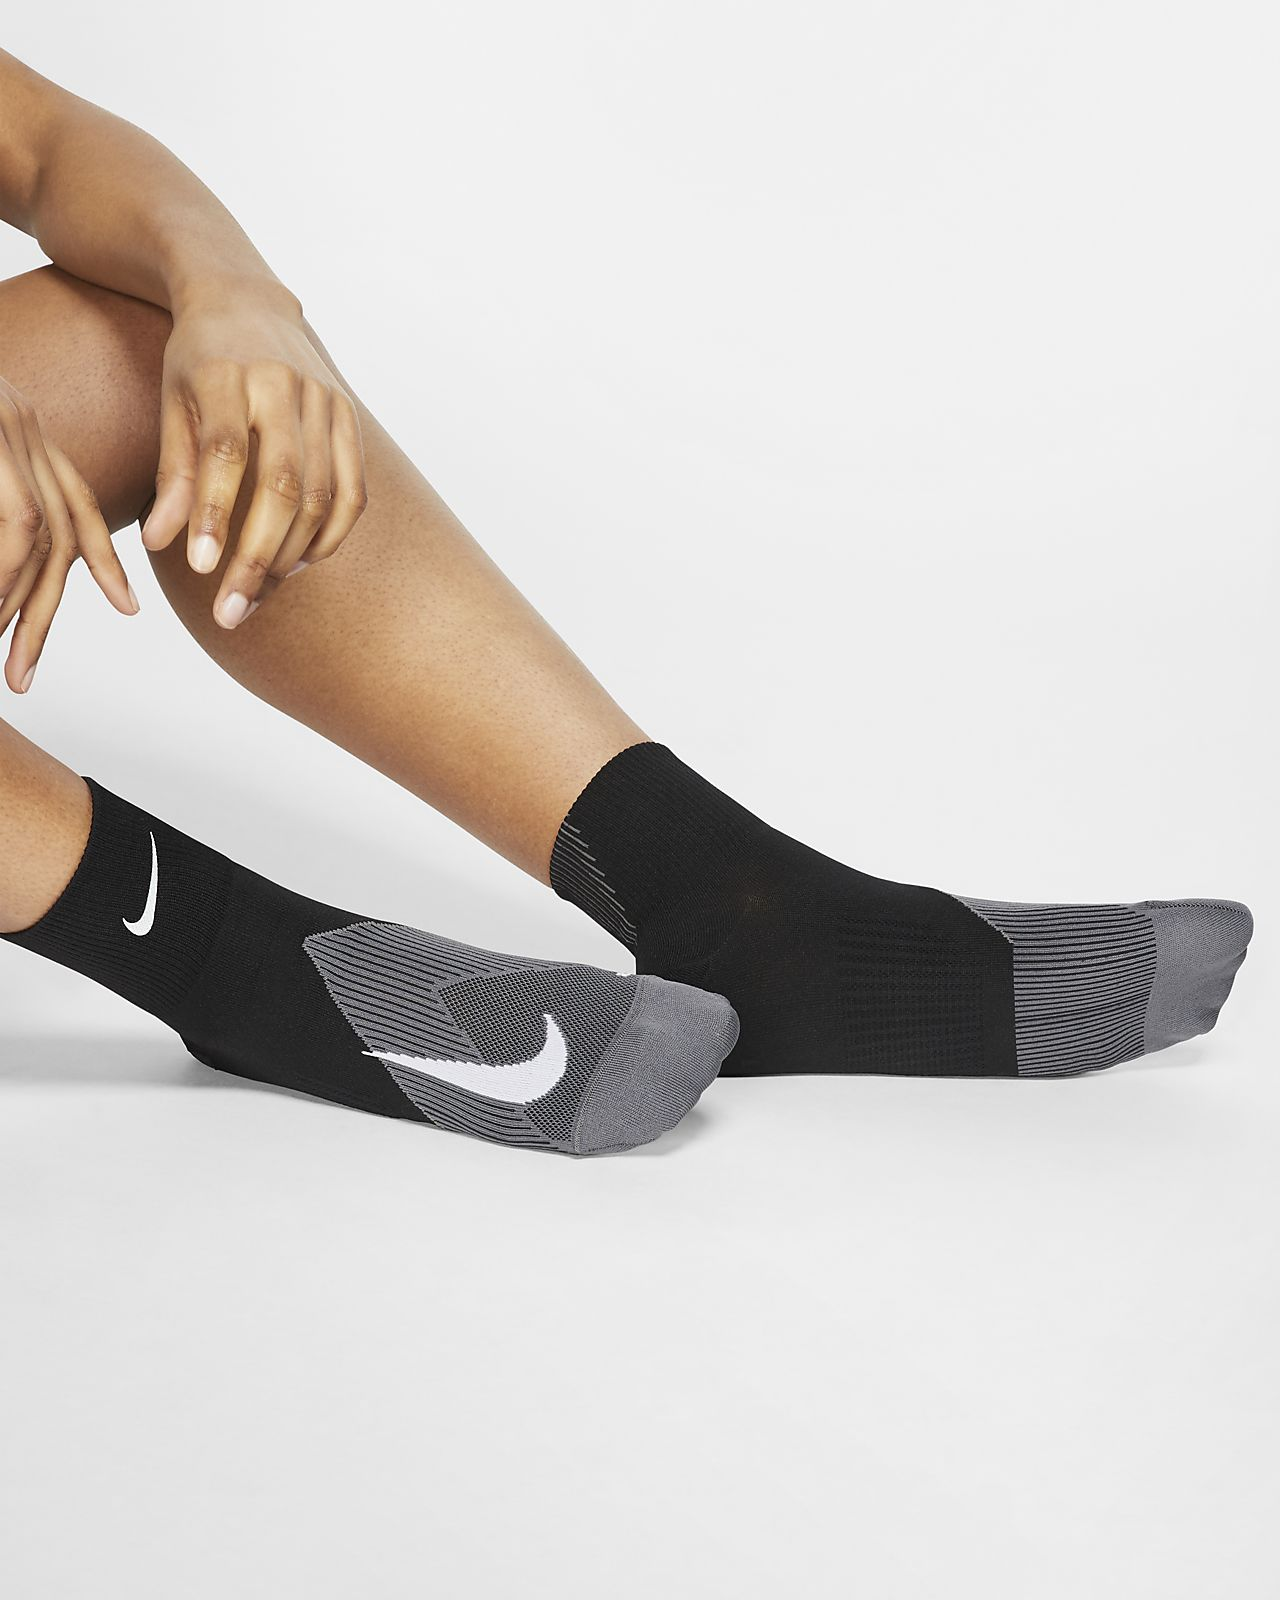 Nike Elite Lightweight Crew Running Socks